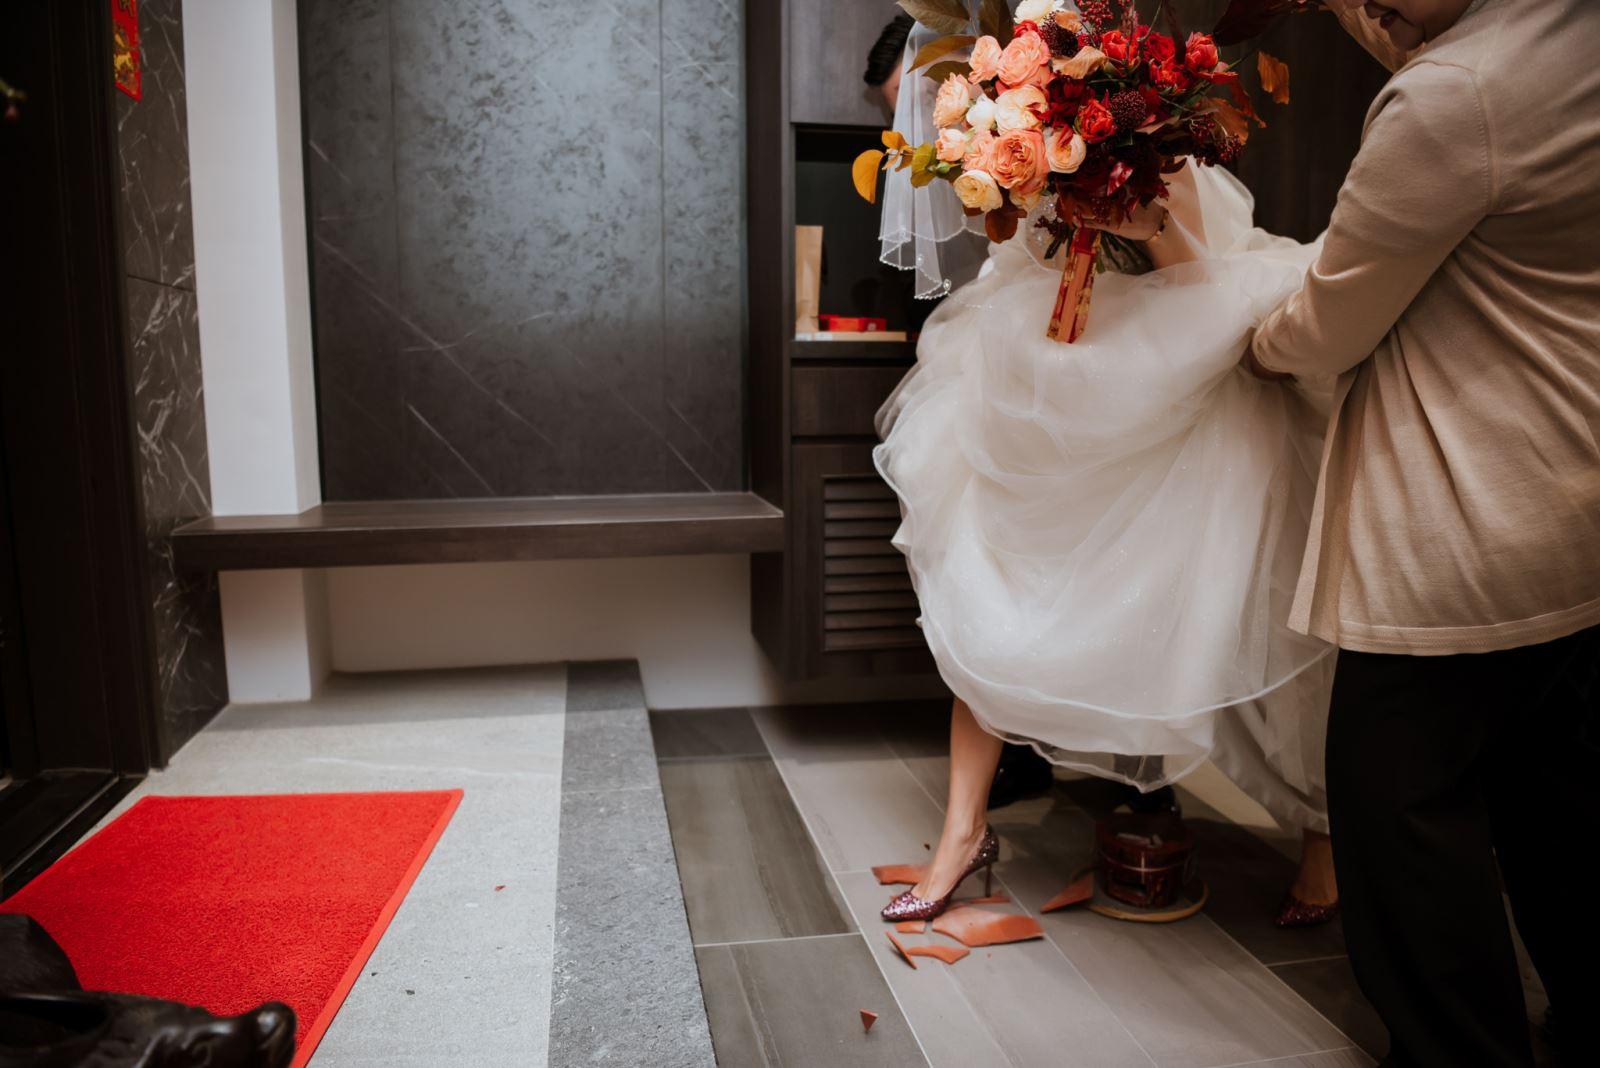 婚禮主持人採買準備,新娘過火爐與踩瓦片